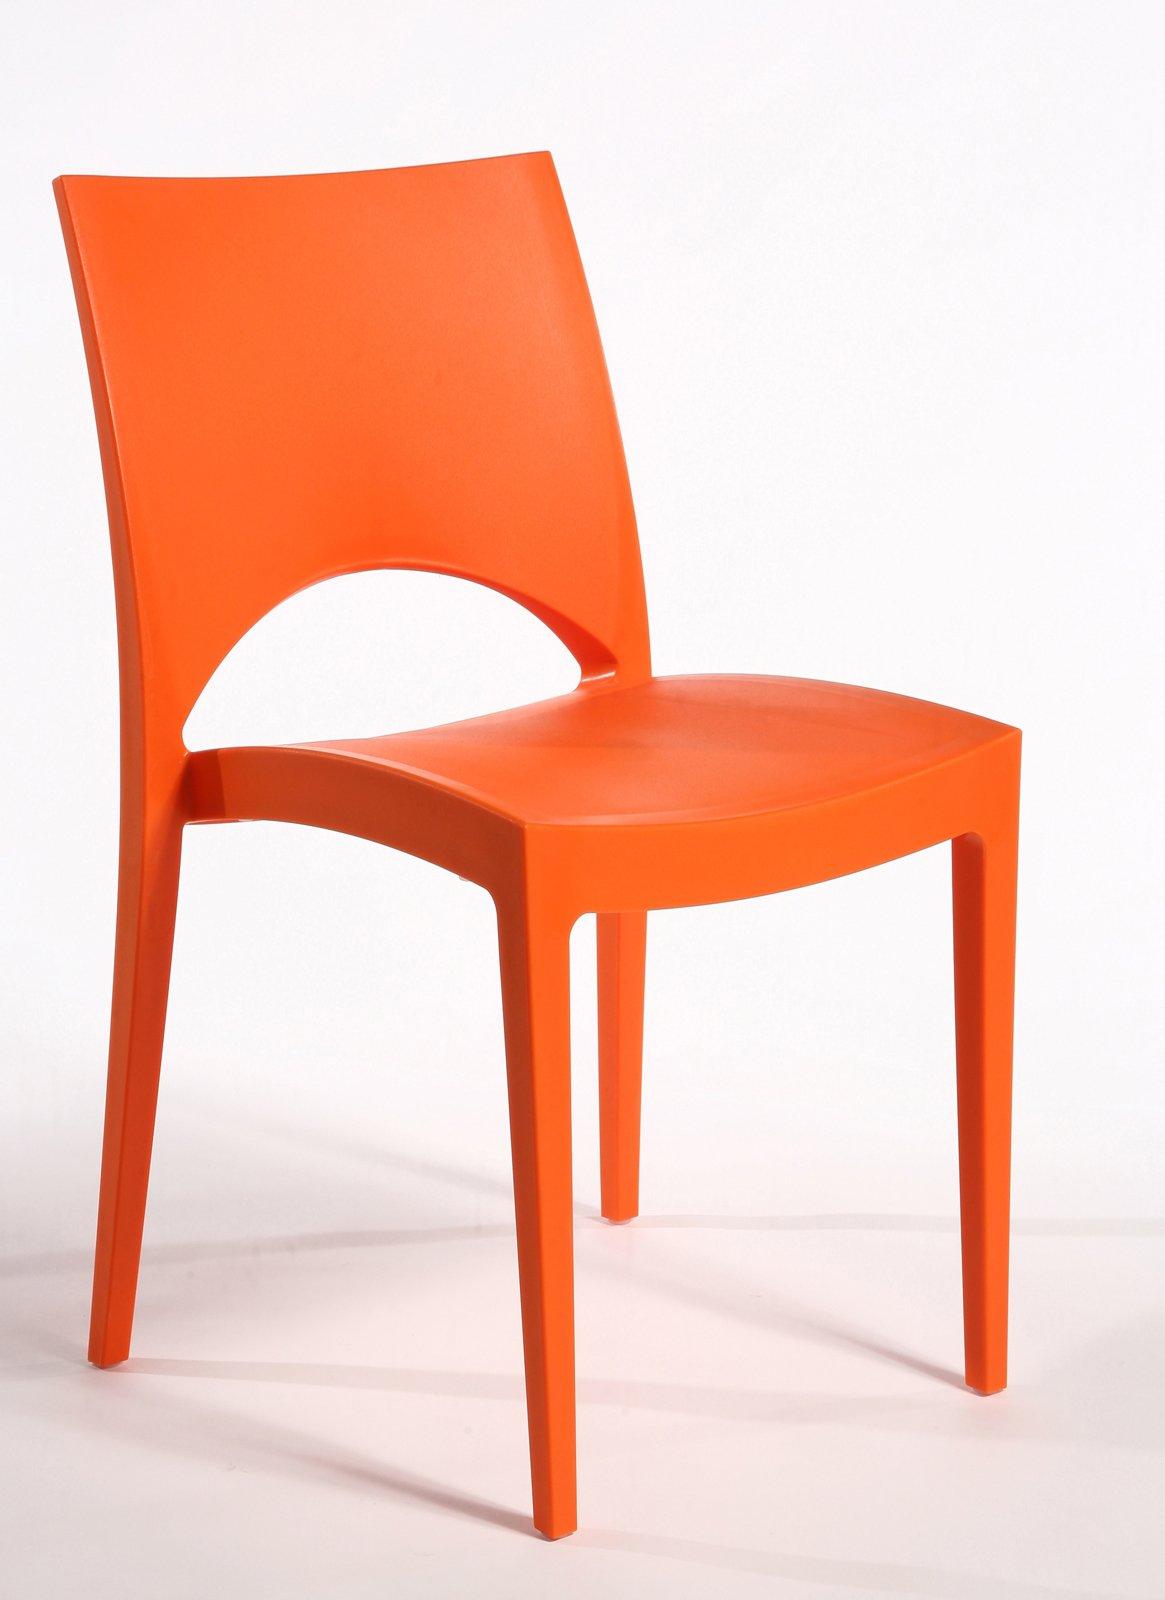 Sedie low cost 15 modelli a meno di 100 euro cose di casa for Sedie impilabili plastica